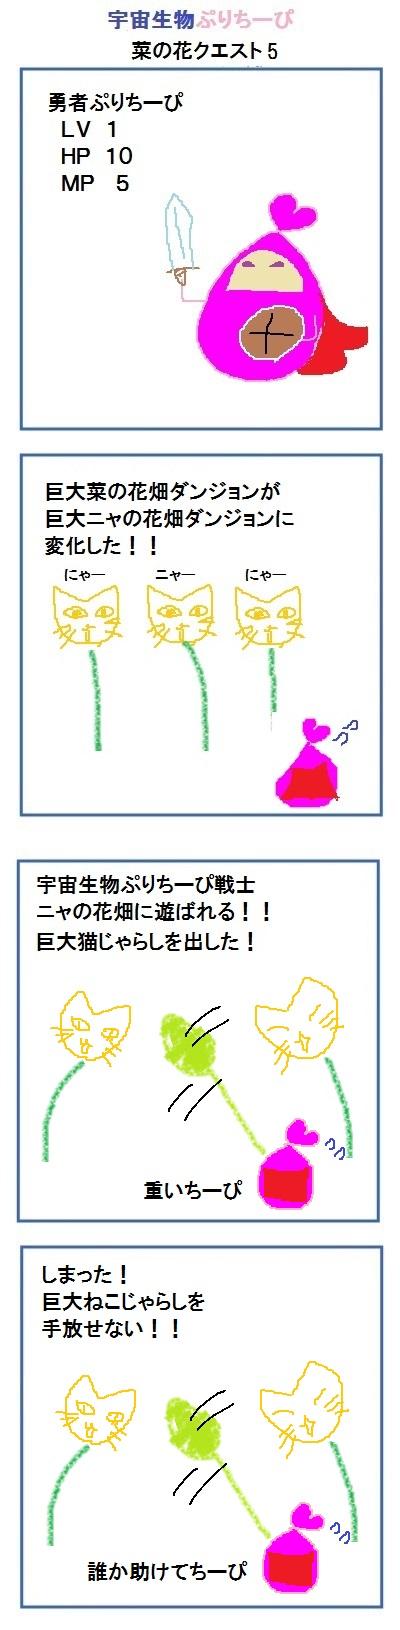 160318菜の花クエスト5